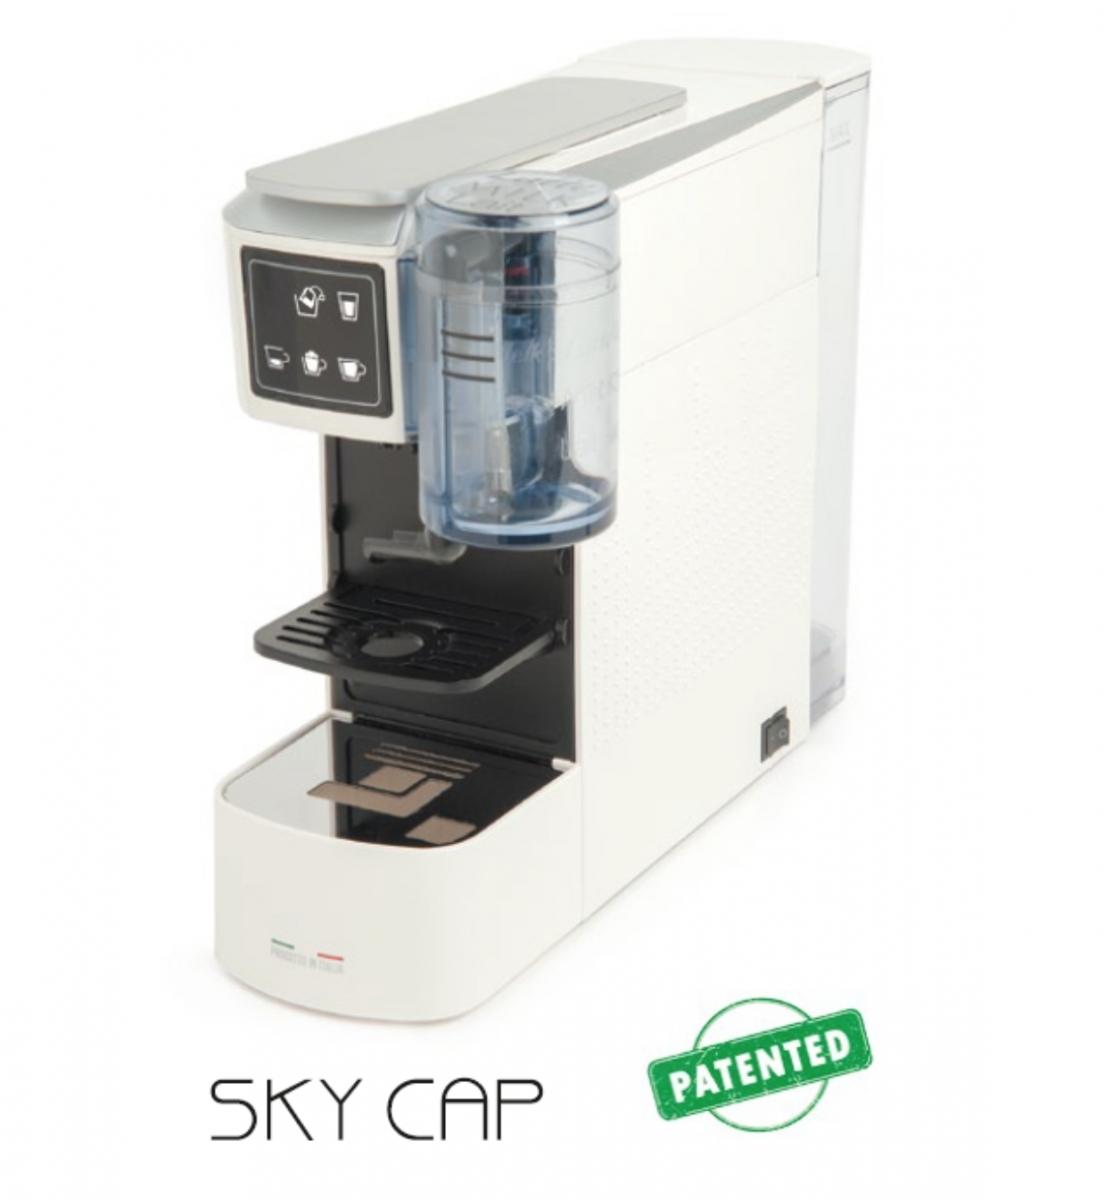 Kapsuliniai kavos aparatai